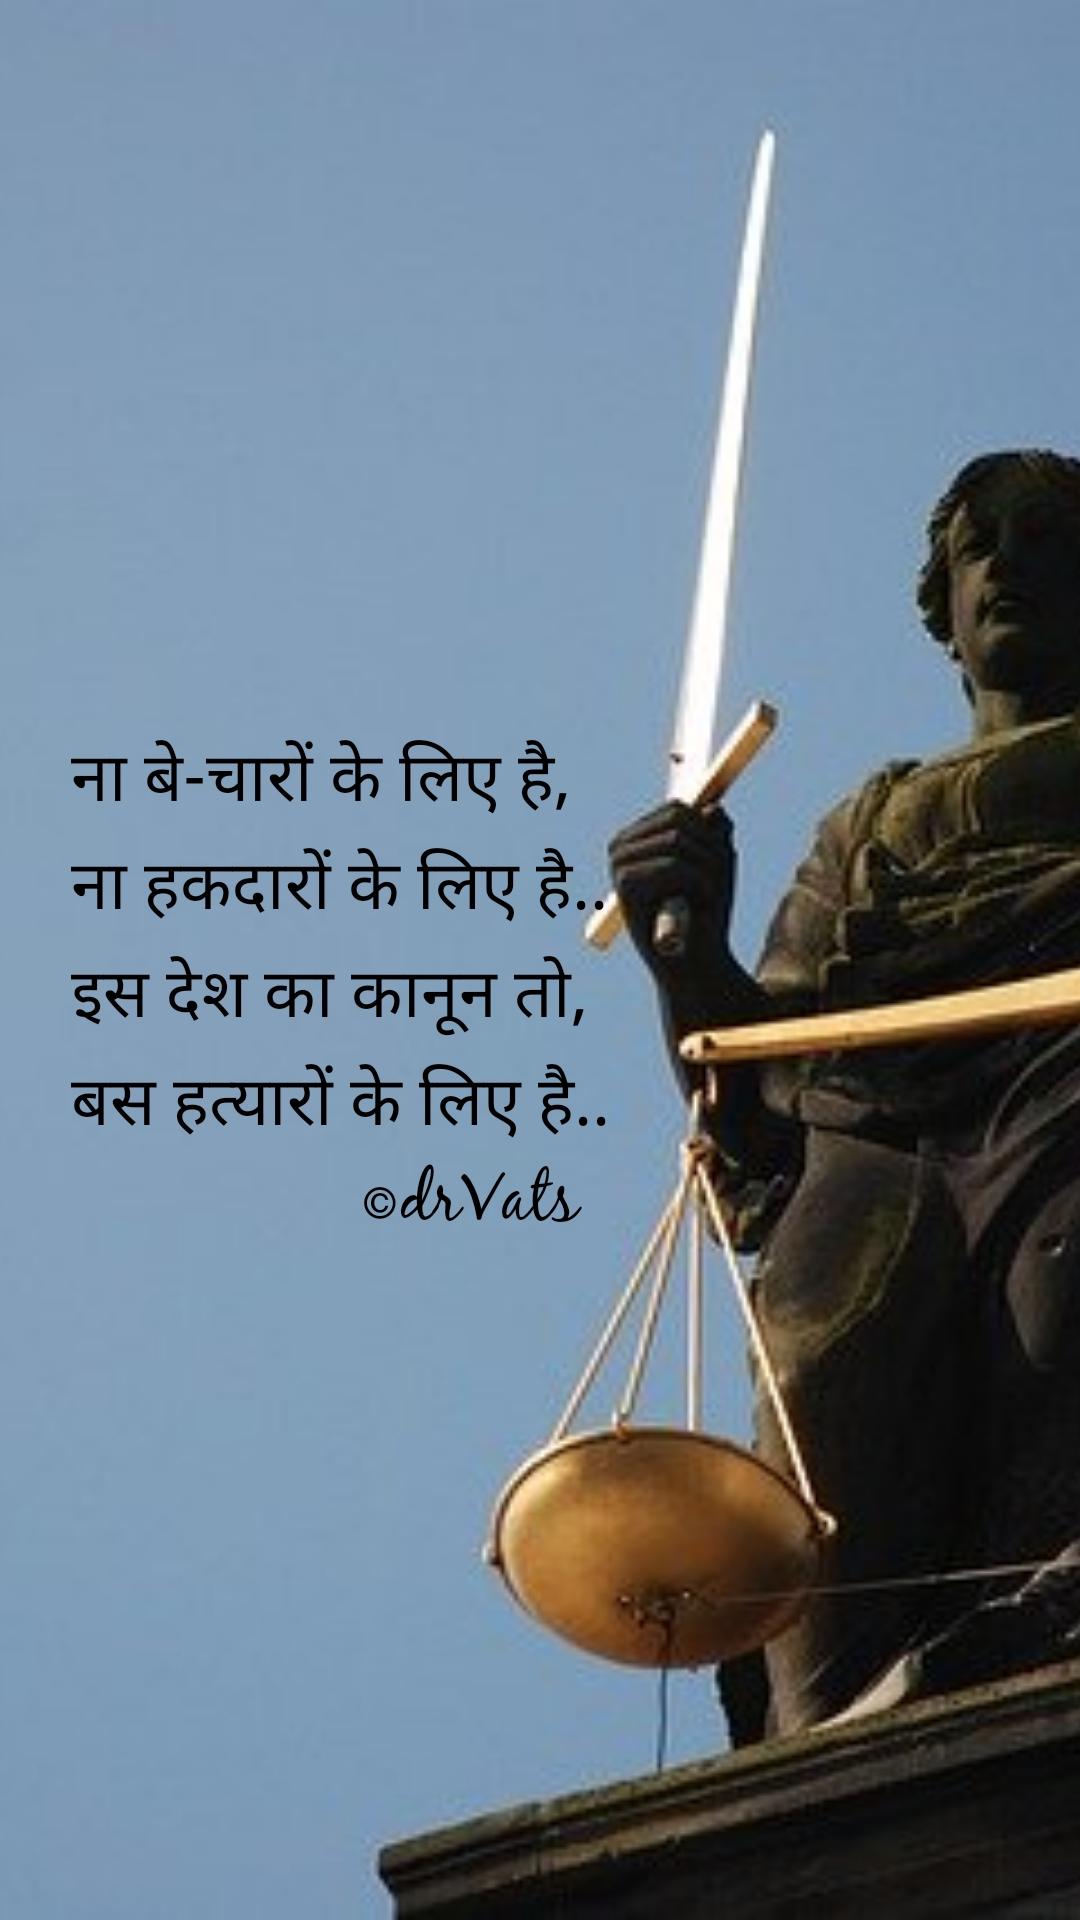 ना बे-चारों के लिए है, ना हकदारों के लिए है.. इस देश का कानून तो, बस हत्यारों के लिए है..                  ©drVats